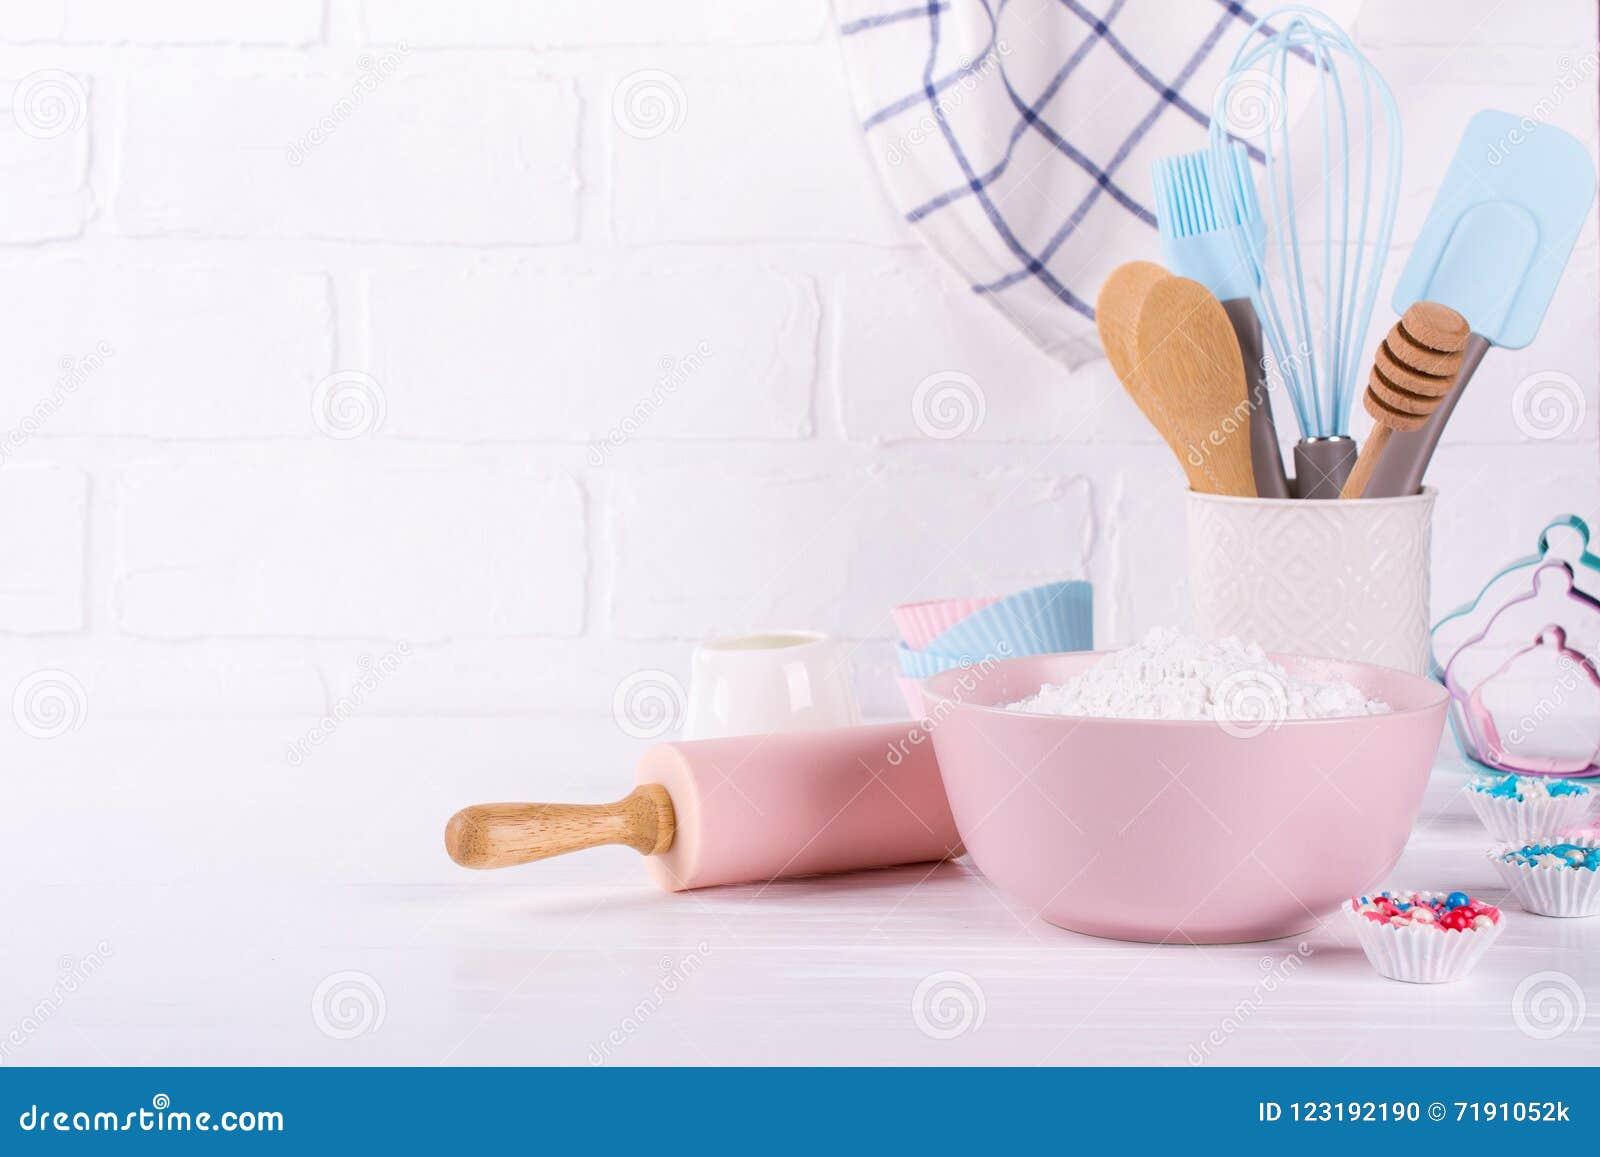 Bäckerei-Geräte Küchenwerkzeuge für das Backen auf einem weißen Hintergrund